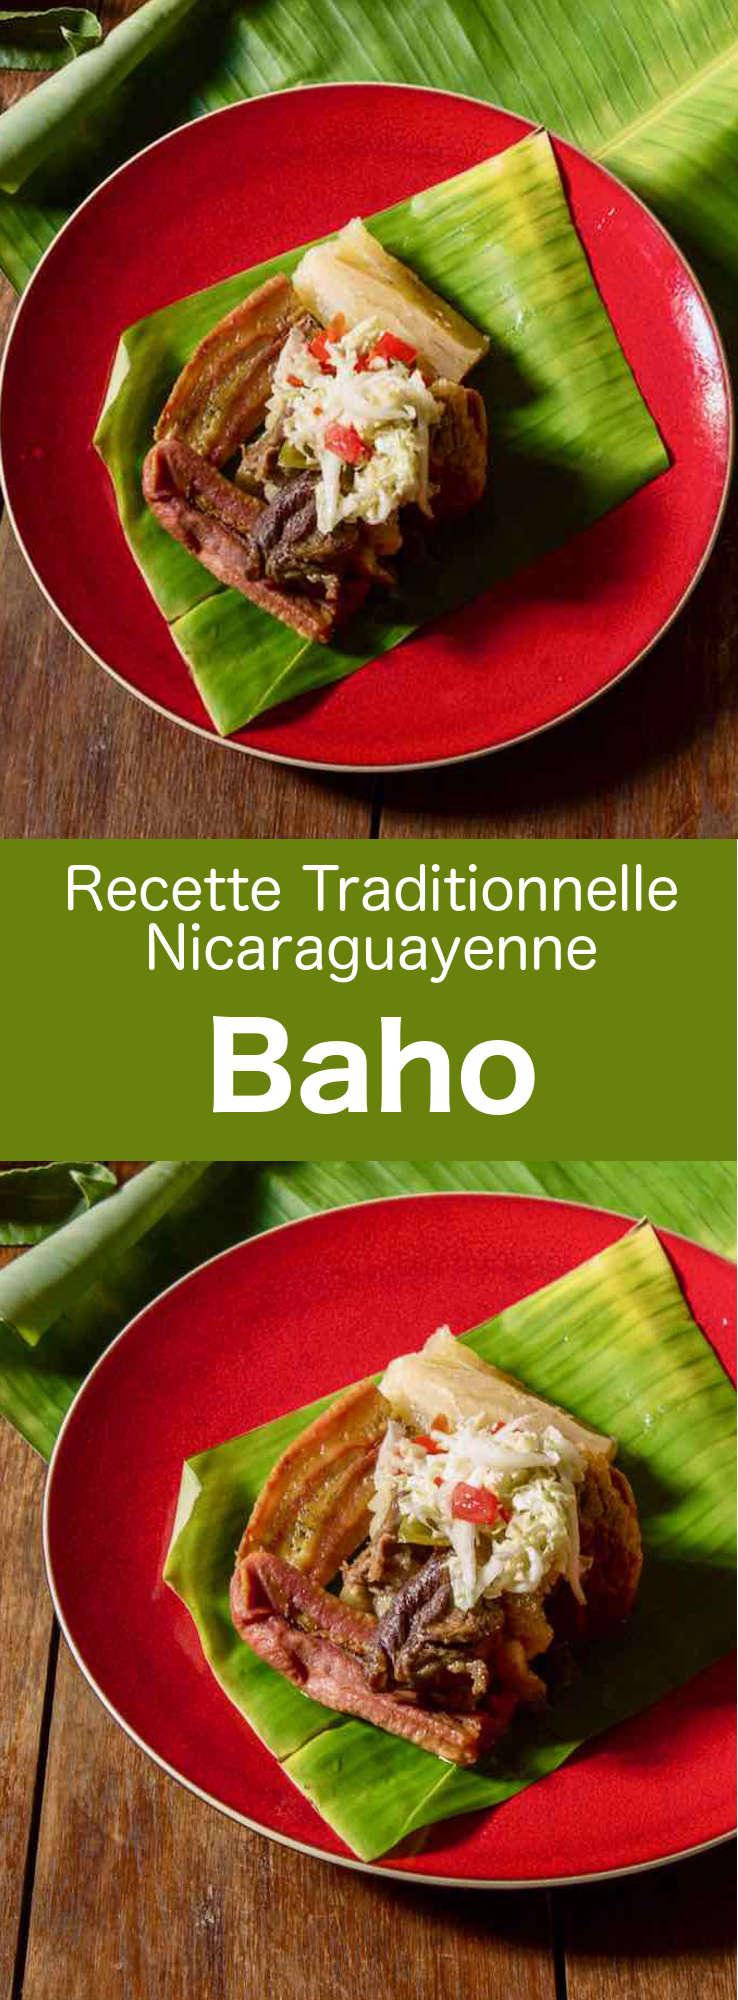 Le baho est une recette traditionnelle Nicaraguayenne qui se prépare avec du boeuf, des bananes plantains et du manioc cuits dans des feuilles de bananier. #Nicaragua #RecetteNicaragua #CuisineNicaragua #CuisineDuMonde #196flavors